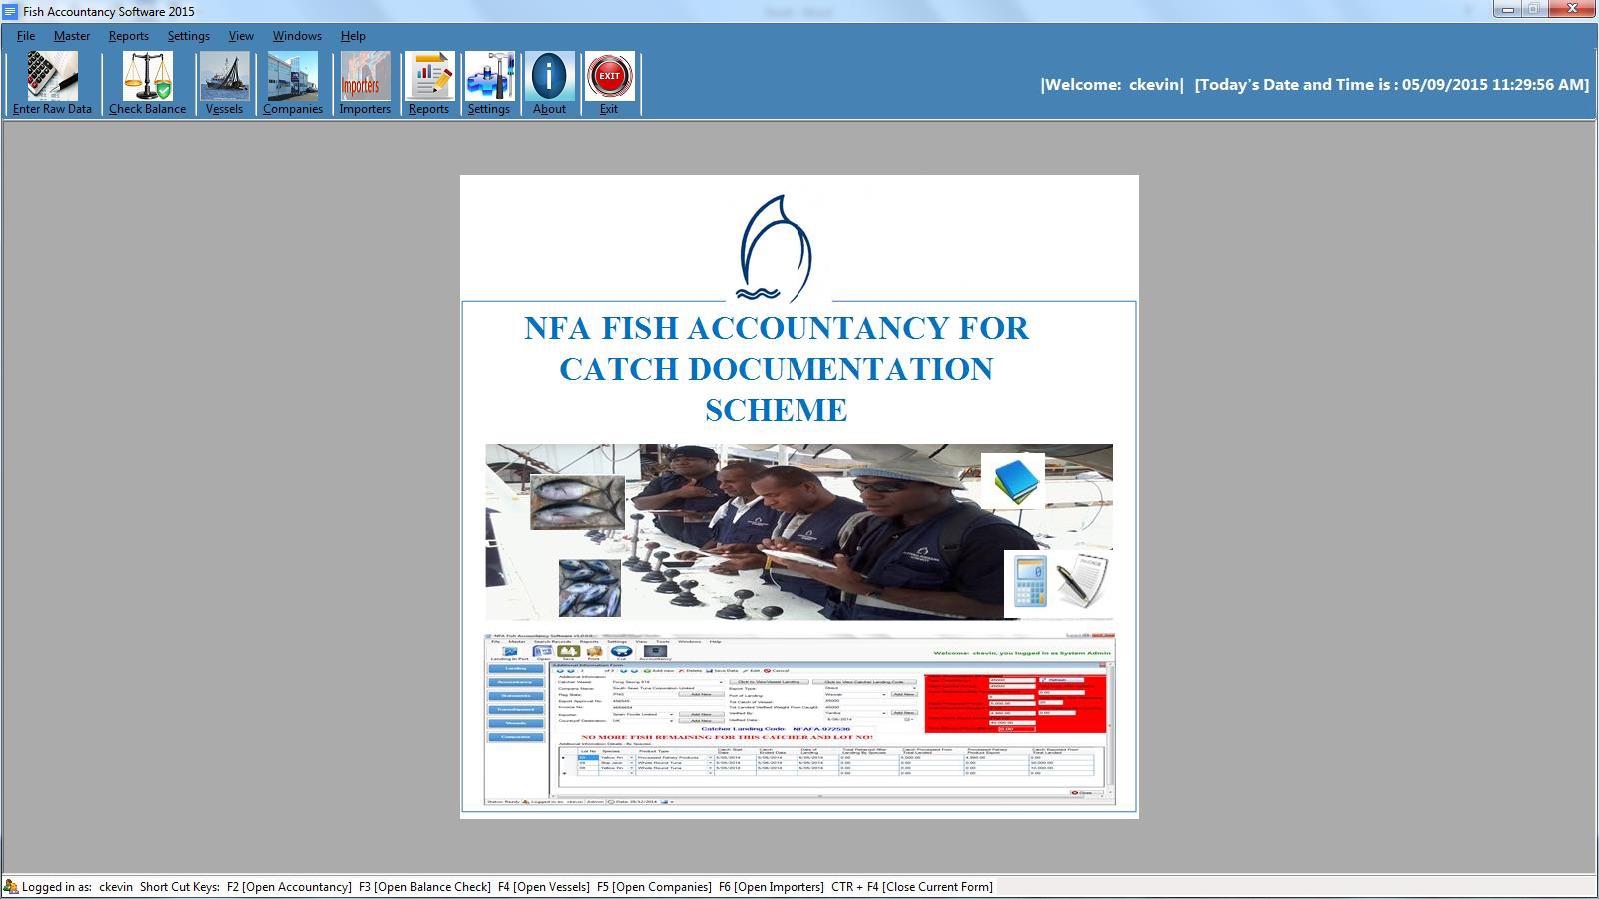 PNG NFA Fish Accountancy Software Screen Shots.jpg